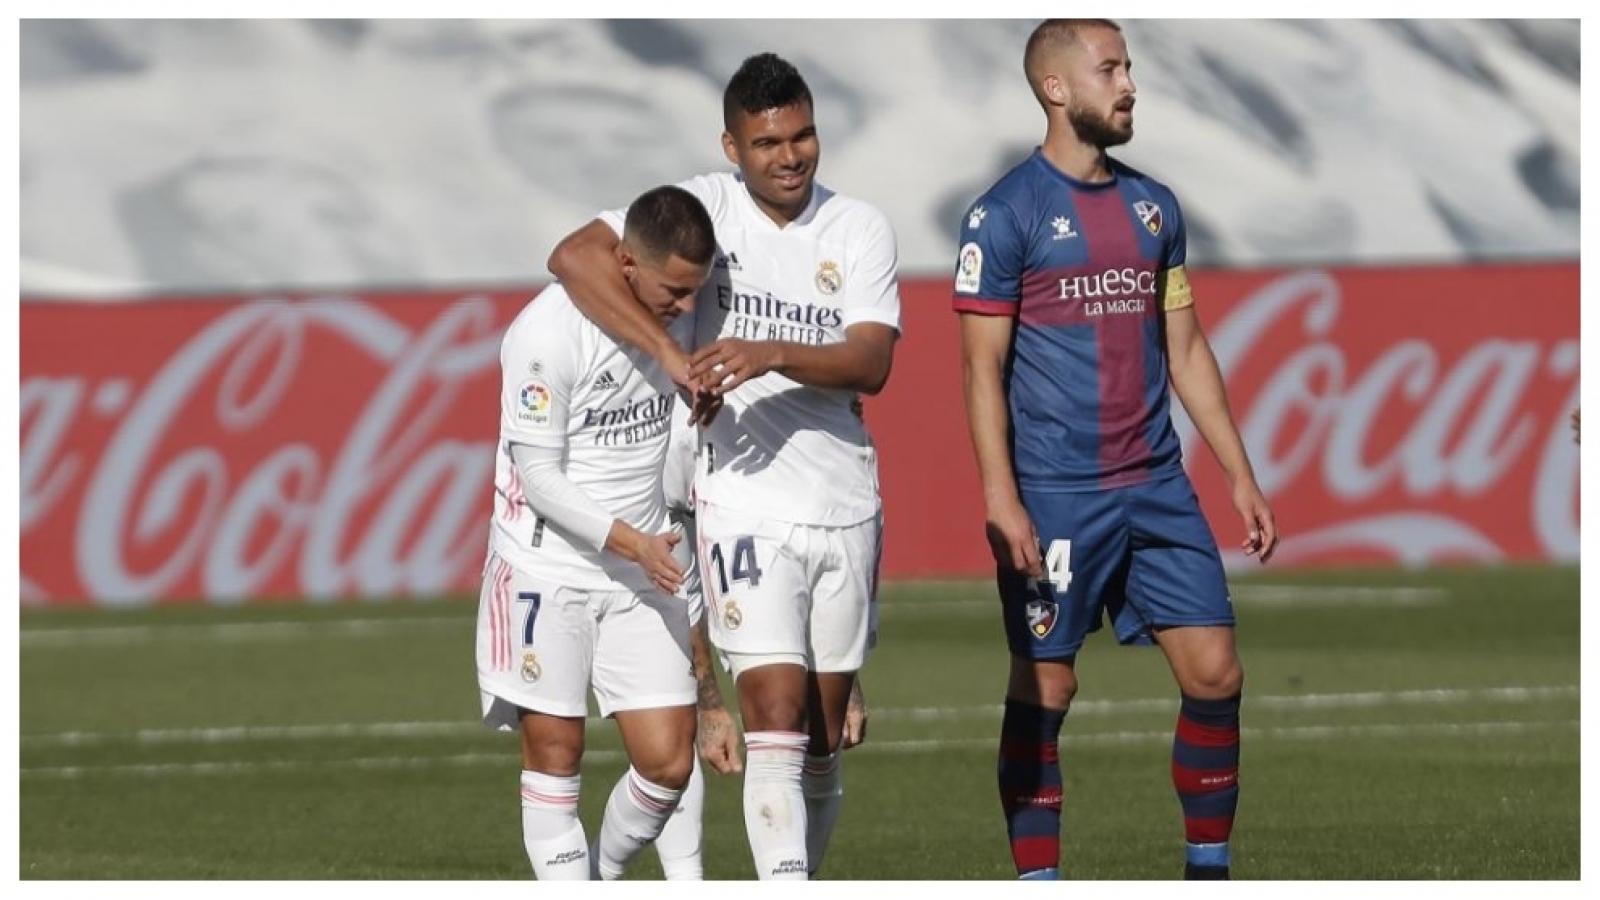 Hazard và Casemiro mắc Covid-19, Real Madrid khủng hoảng trầm trọng